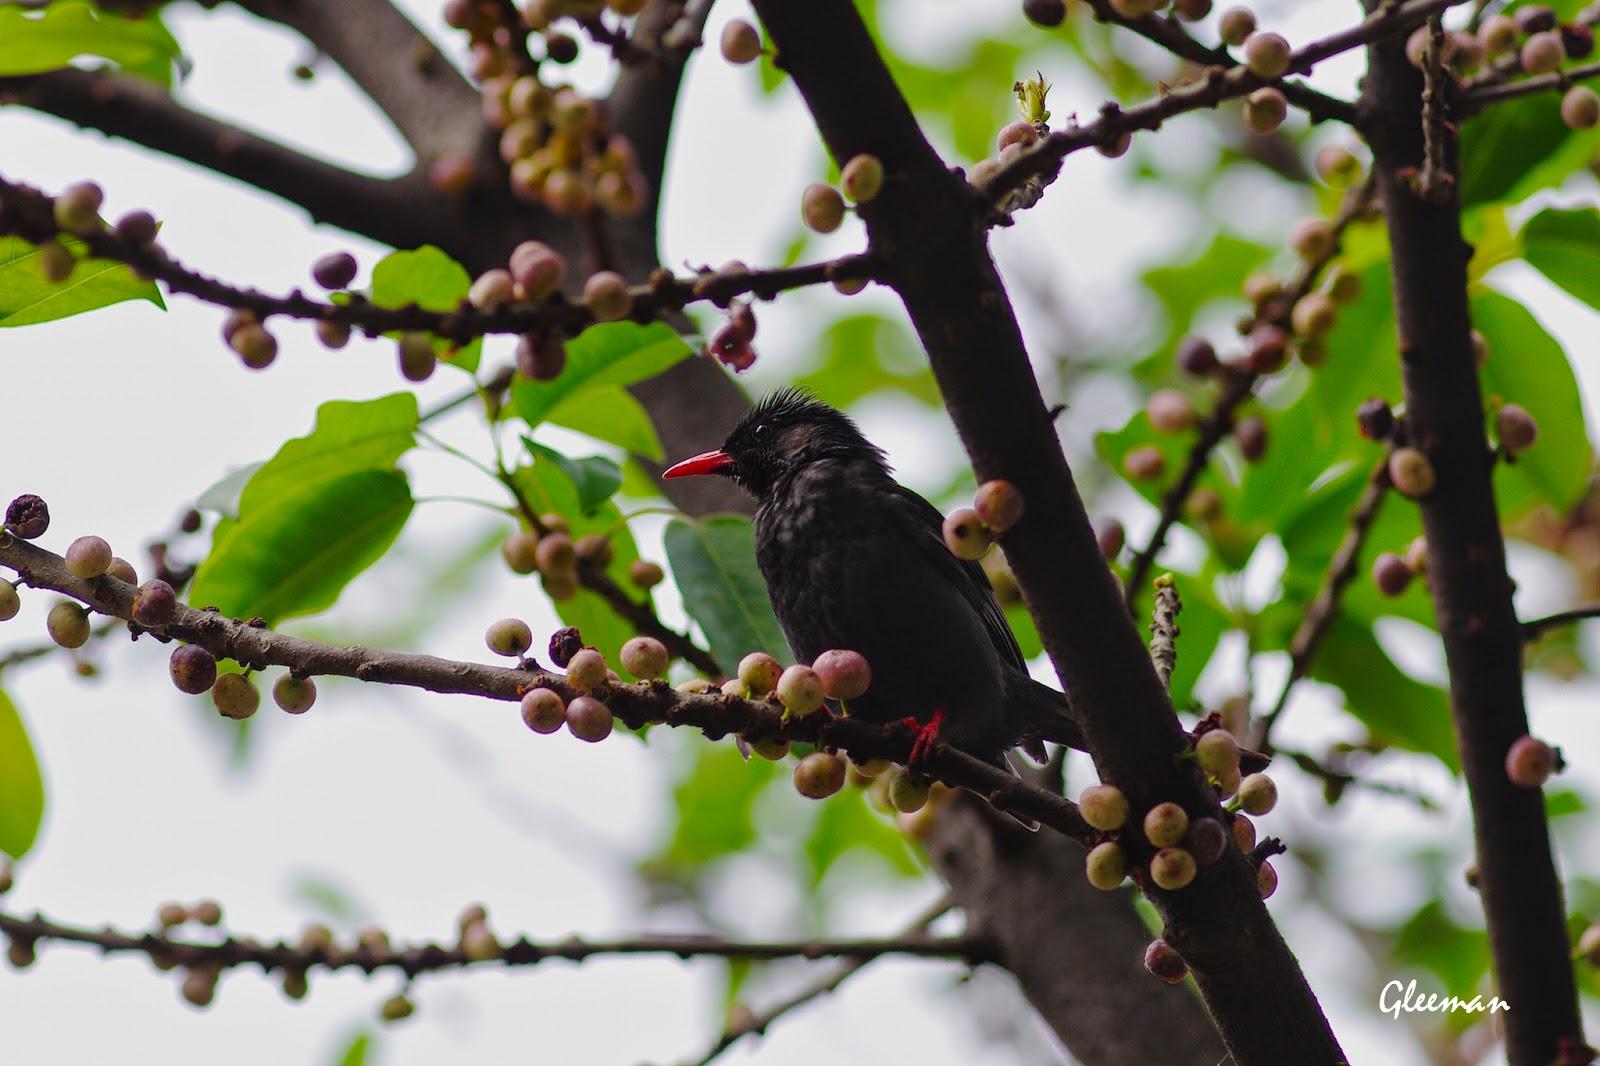 除了白頭翁、樹鵲、綠繡眼等,叫聲有時像嬰兒的紅嘴黑鵯也是常客